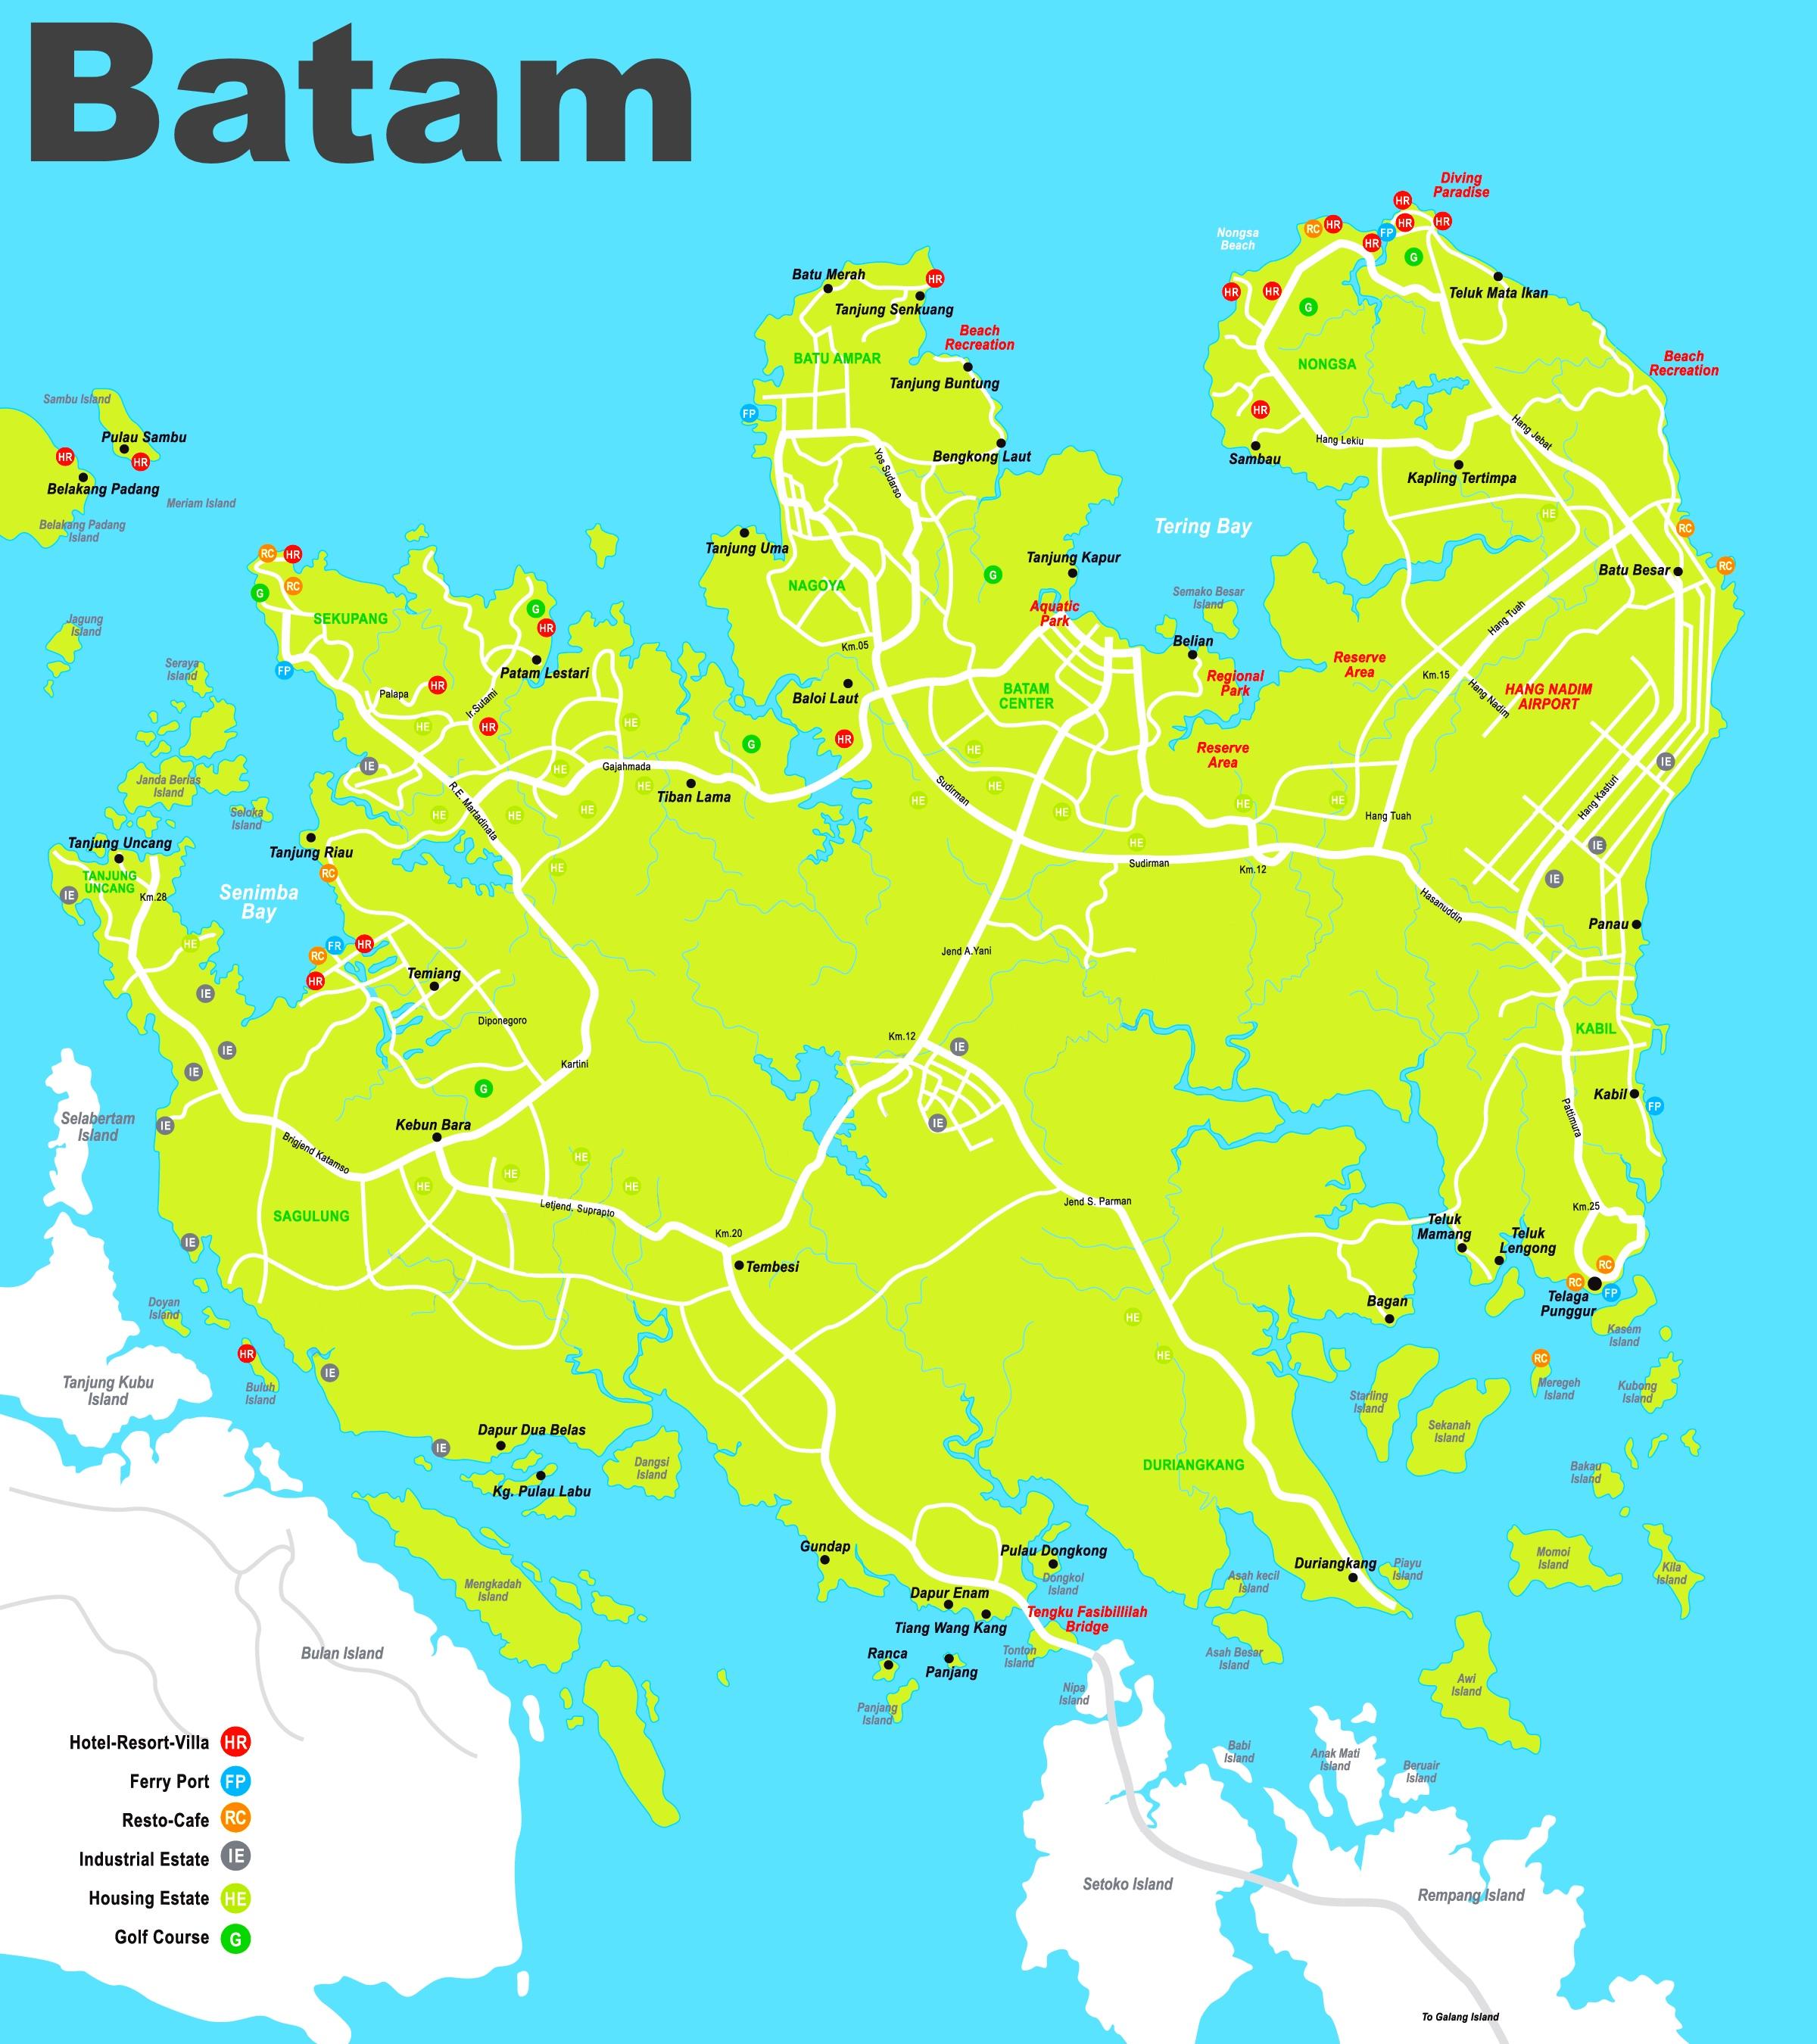 Batam hotel map